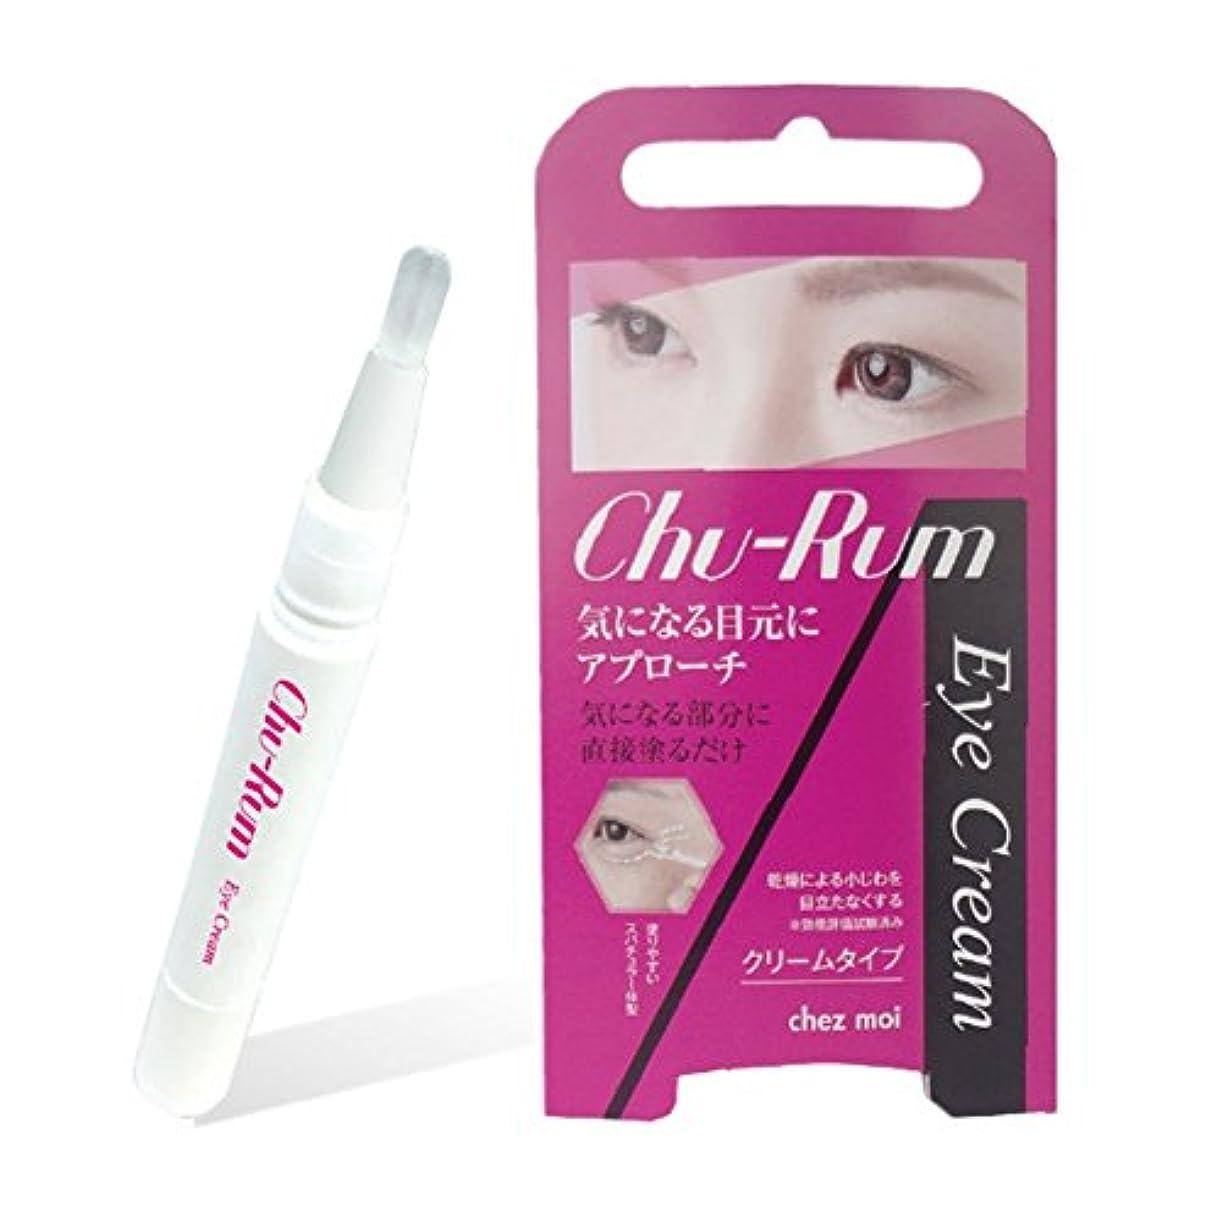 仮称実験雄弁なシェモア Chu-Rum(チュルム) Eye Cream(アイクリーム)